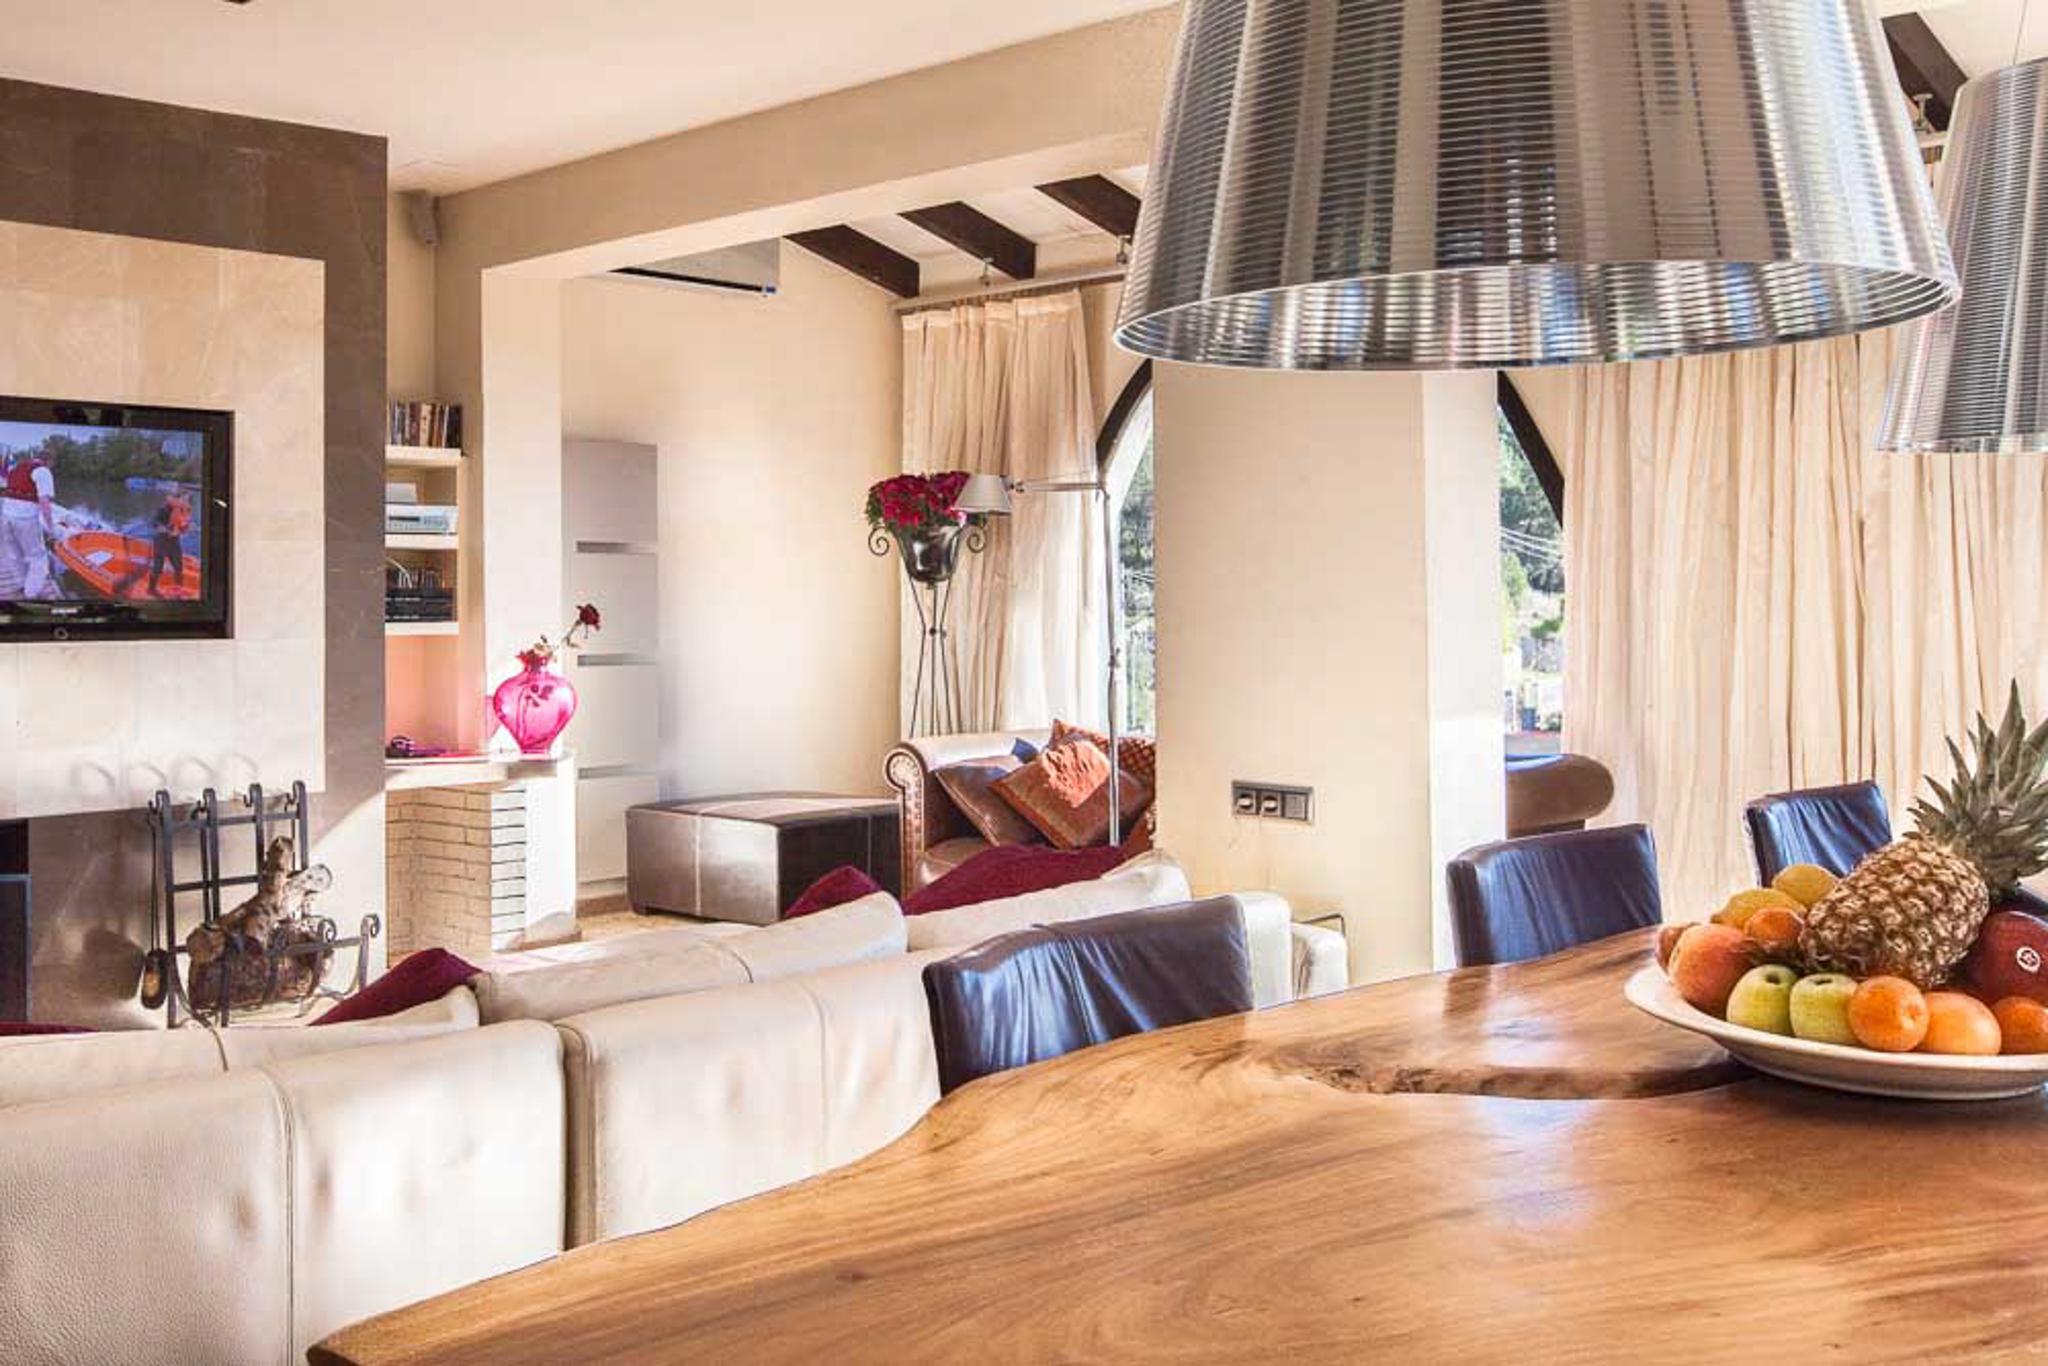 Ferienhaus Villa Palmera, Paradies in der Nhe von Barcelona, luxurise Villa fr 22 Personen (2379177), Olivella, Costa del Garraf, Katalonien, Spanien, Bild 22